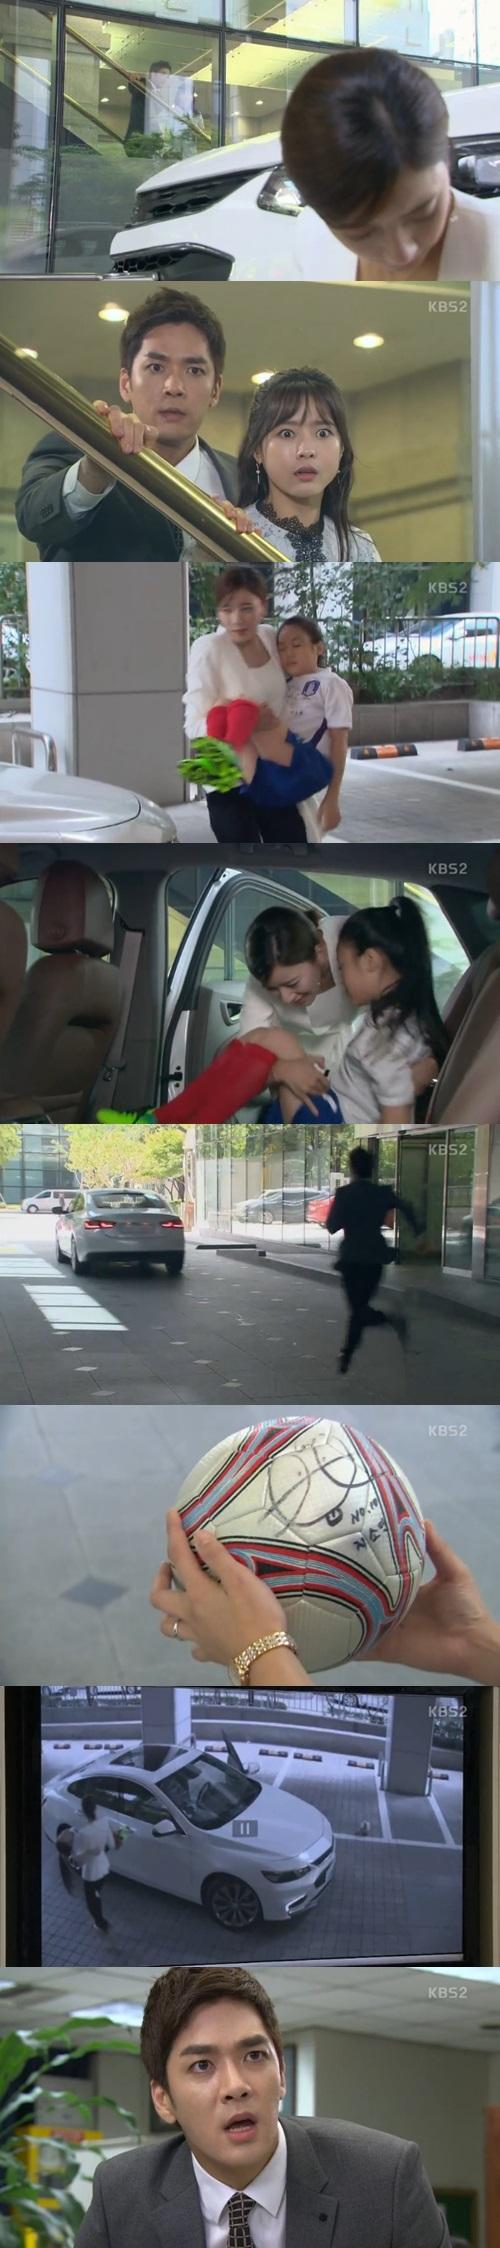 최윤소, 오지은 딸 차로 치고 납치 'CCTV 확인하고..'